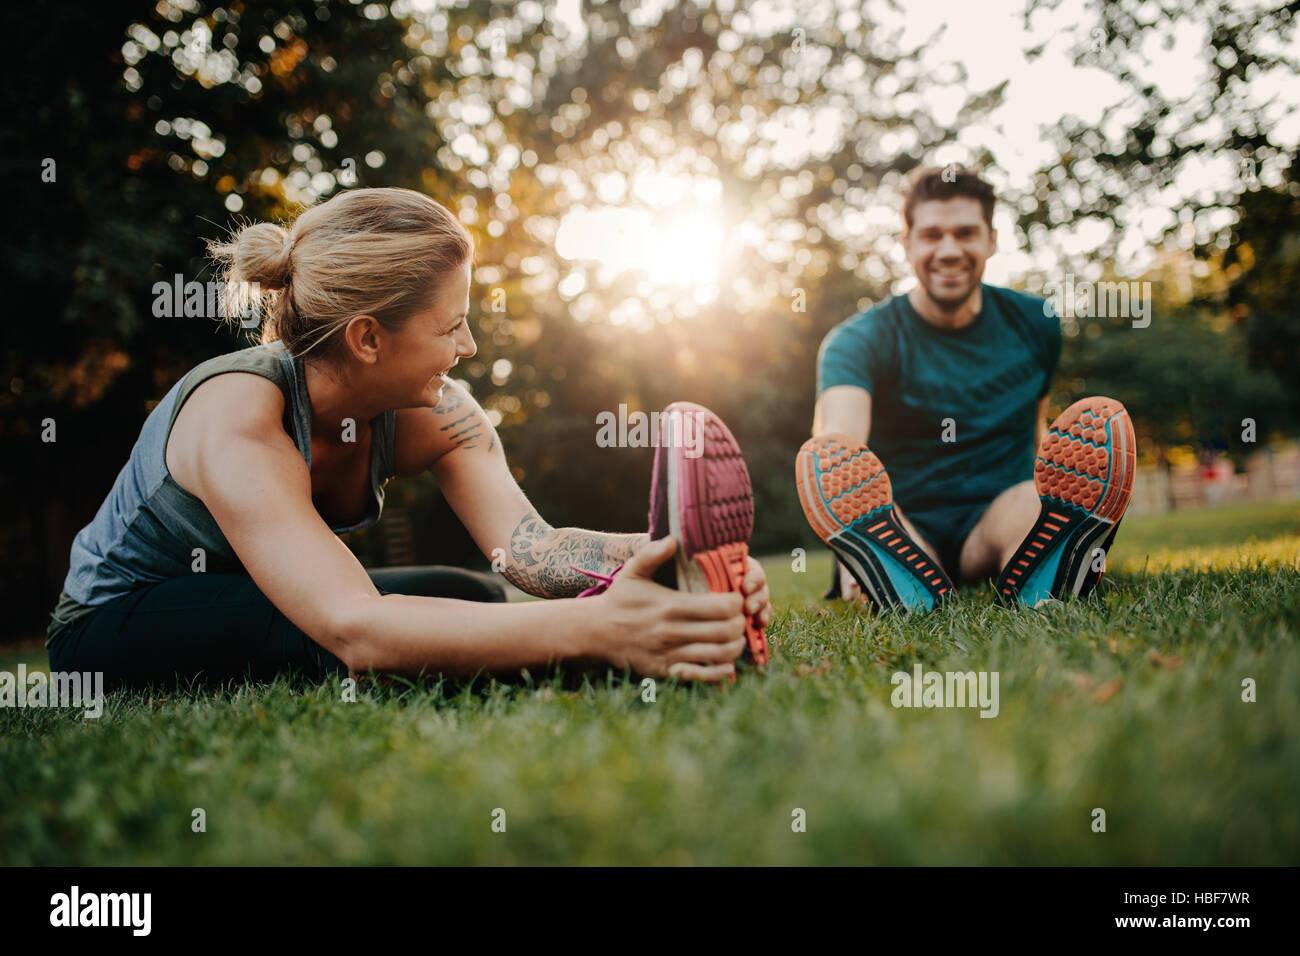 Coppia Fitness stretching all'aperto nel parco. Giovane uomo e donna che esercitano insieme nella mattina. Immagini Stock